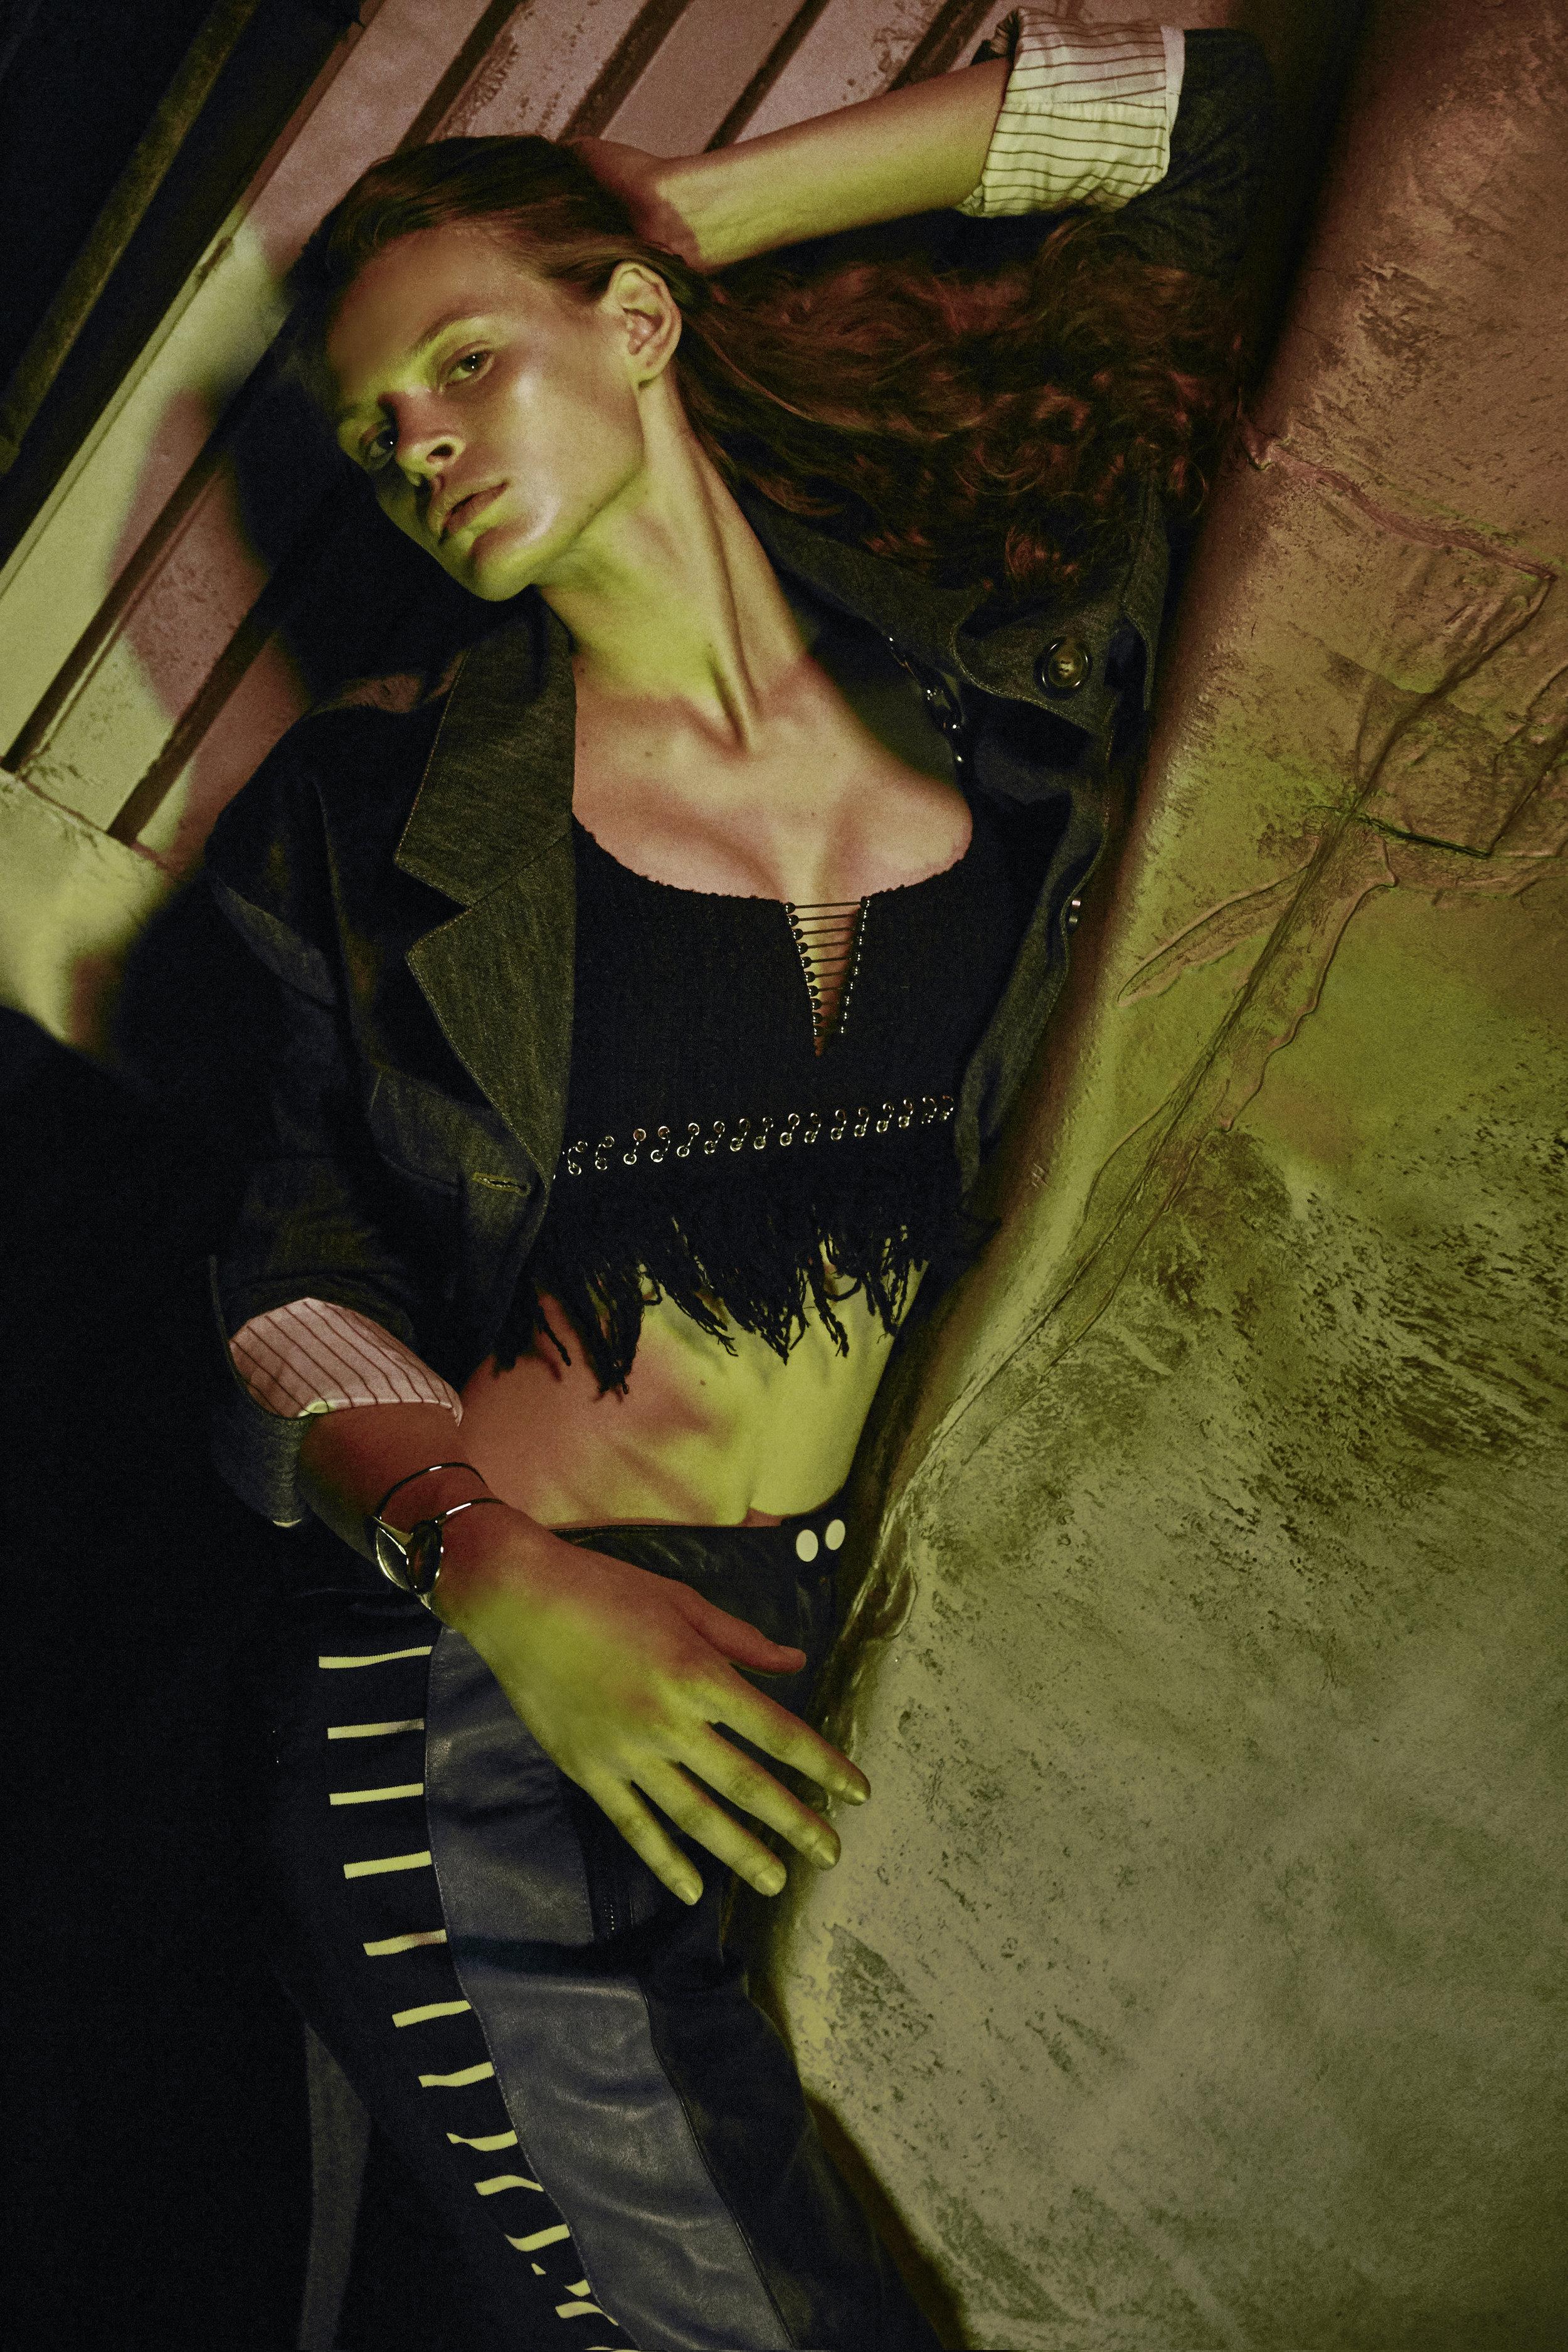 Cara Taylor at Next by Mikey Asanin